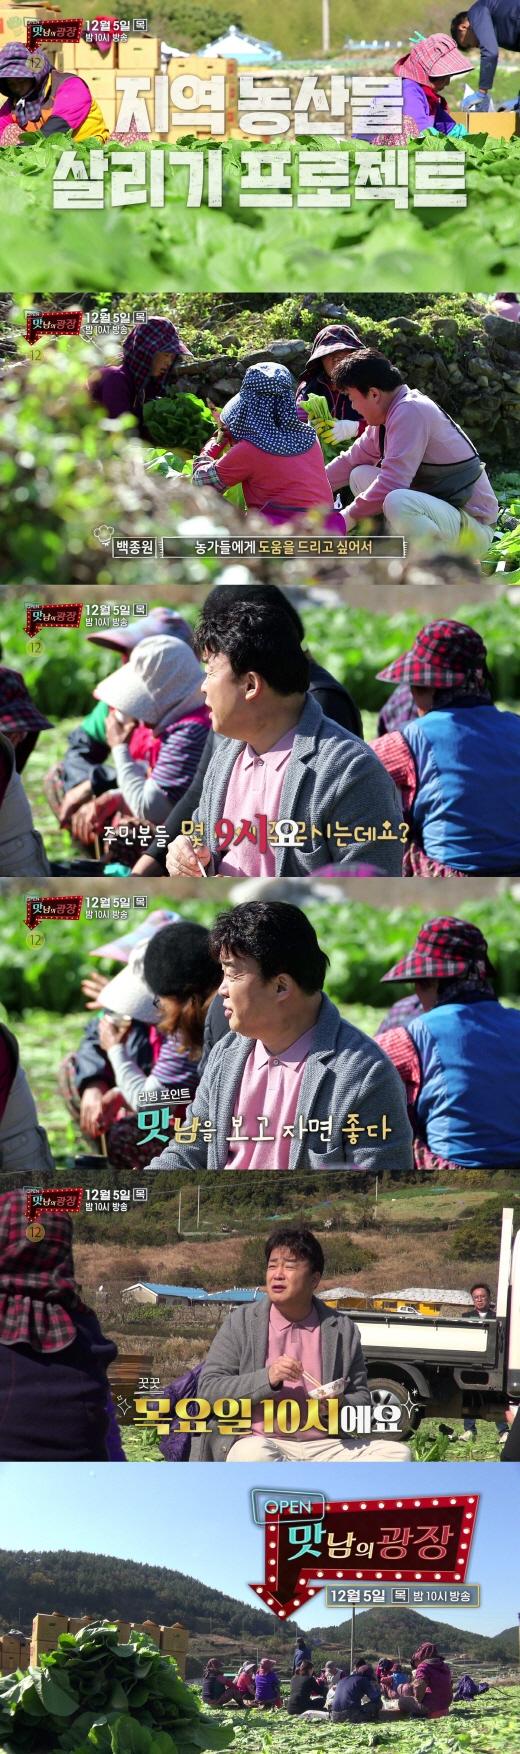 '맛남의 광장' 티저. /사진제공=SBS